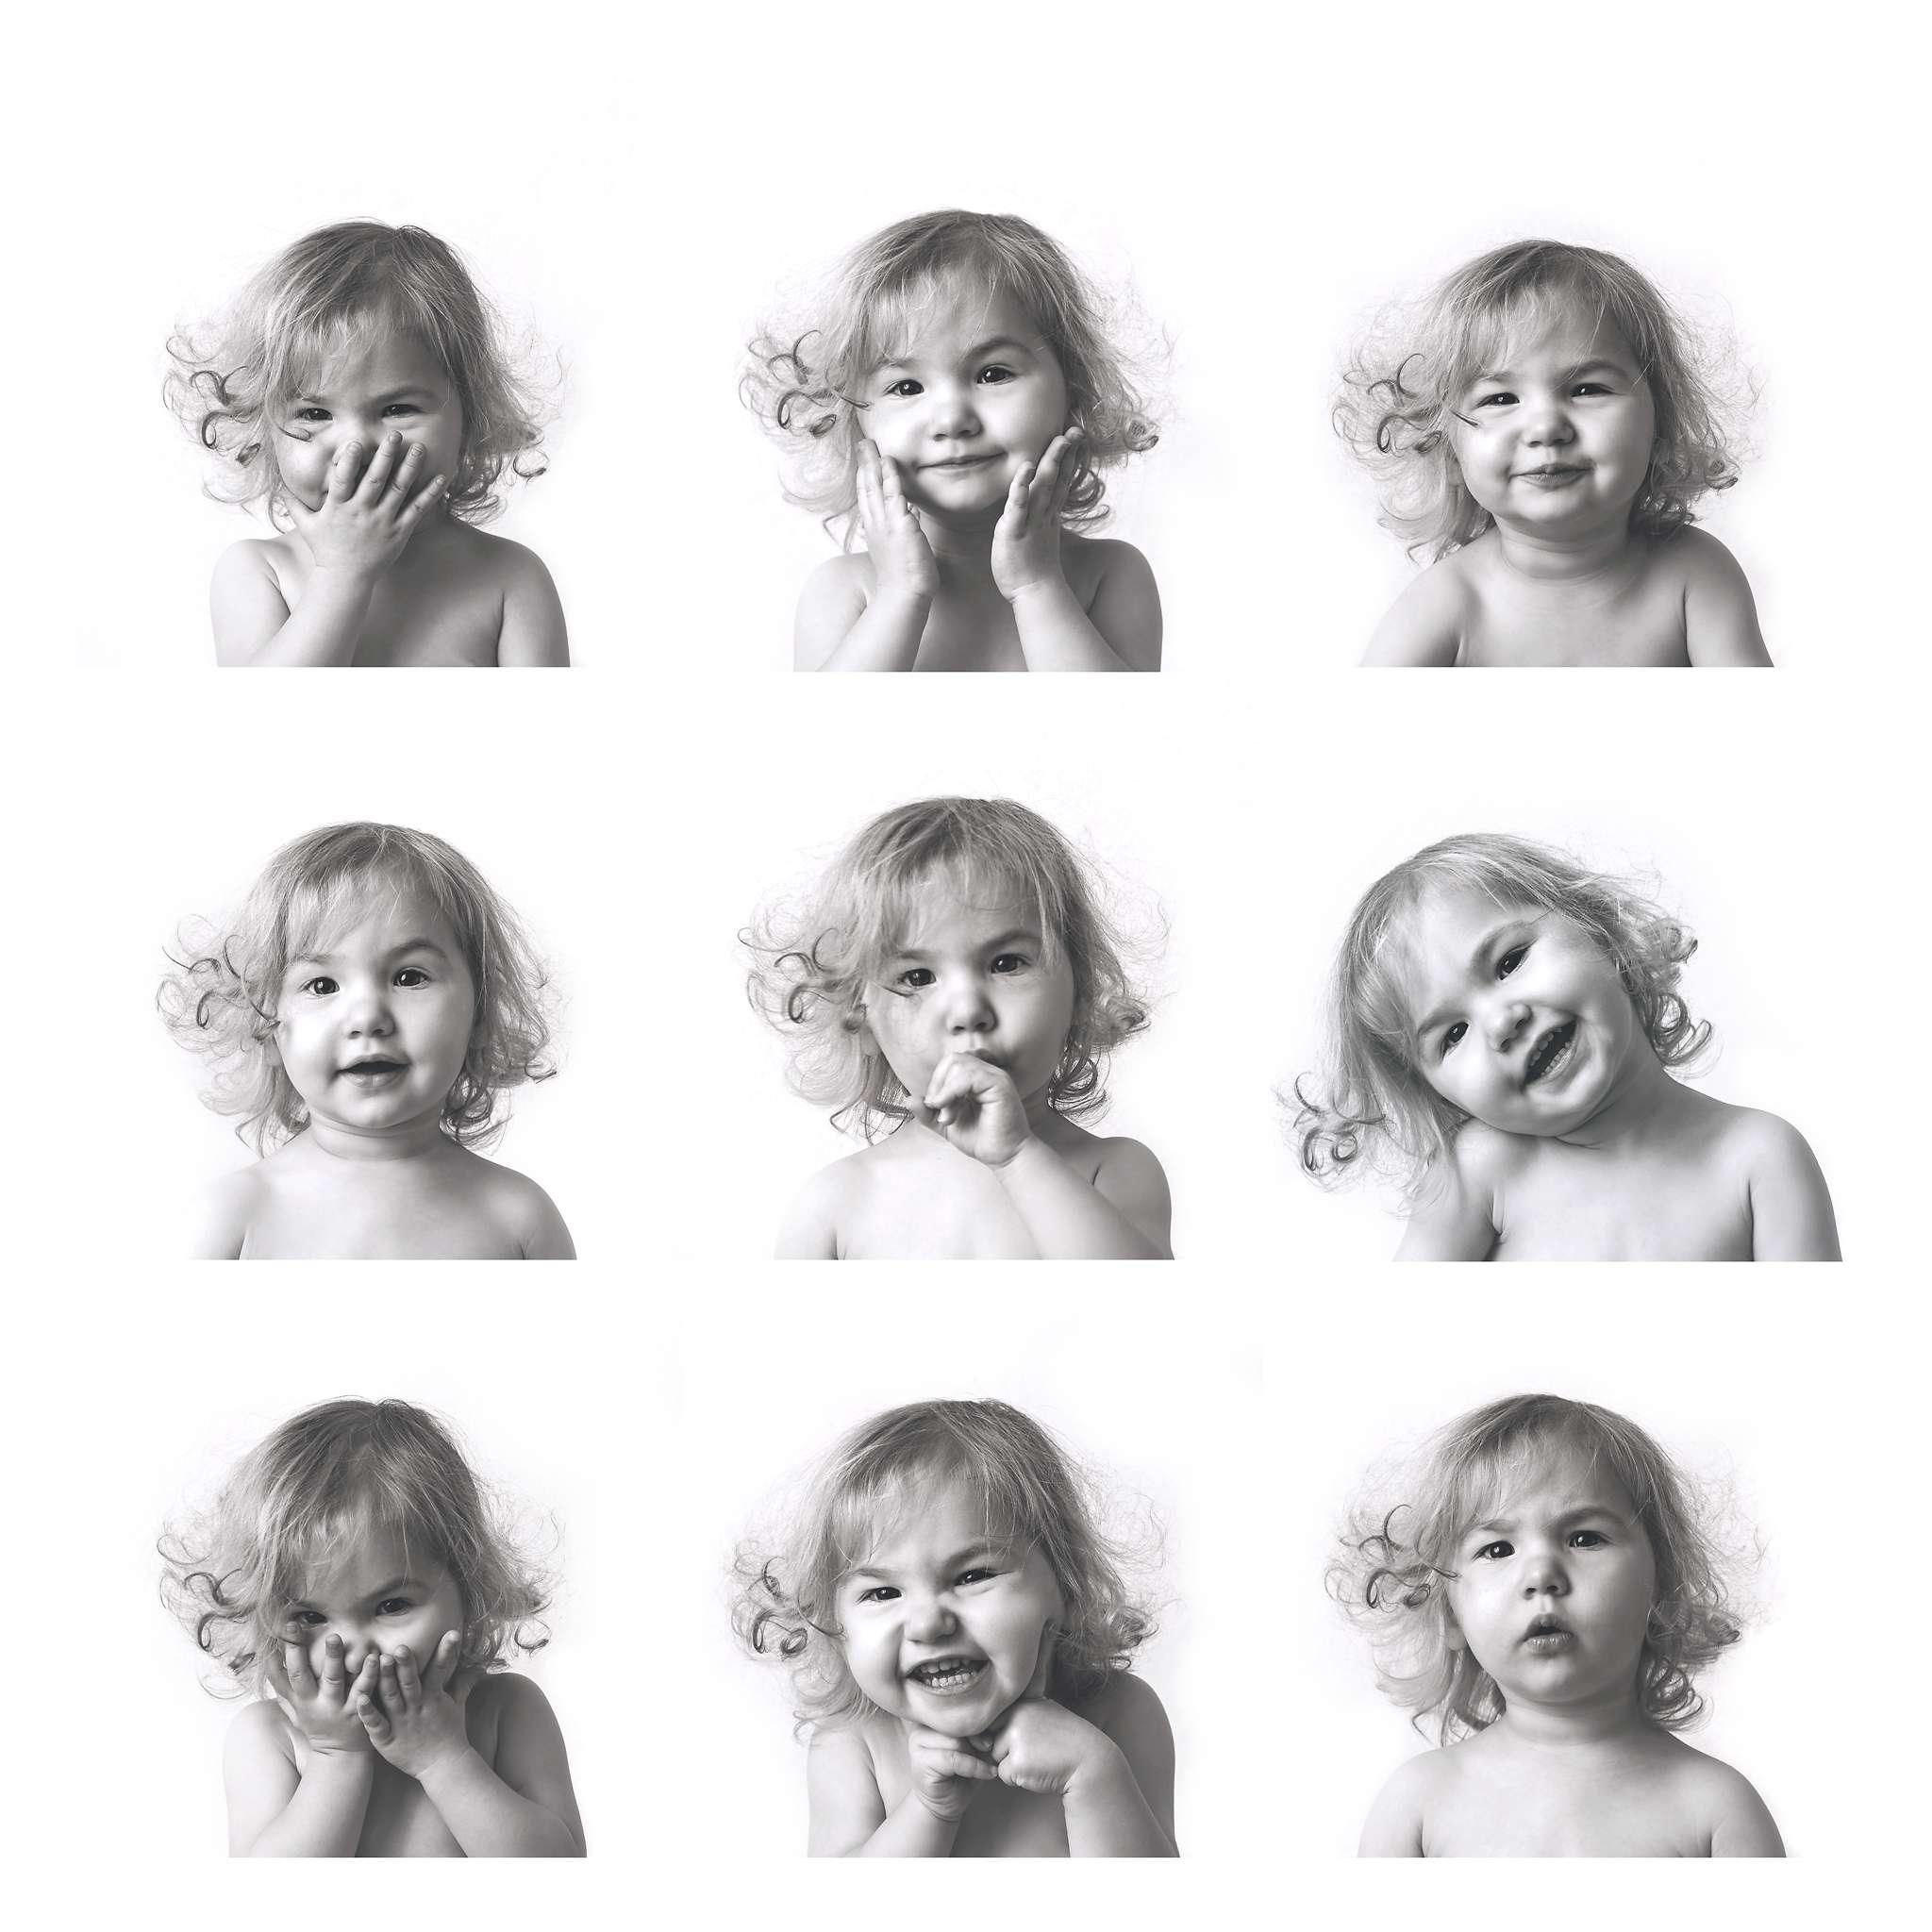 9 photographs of little girl